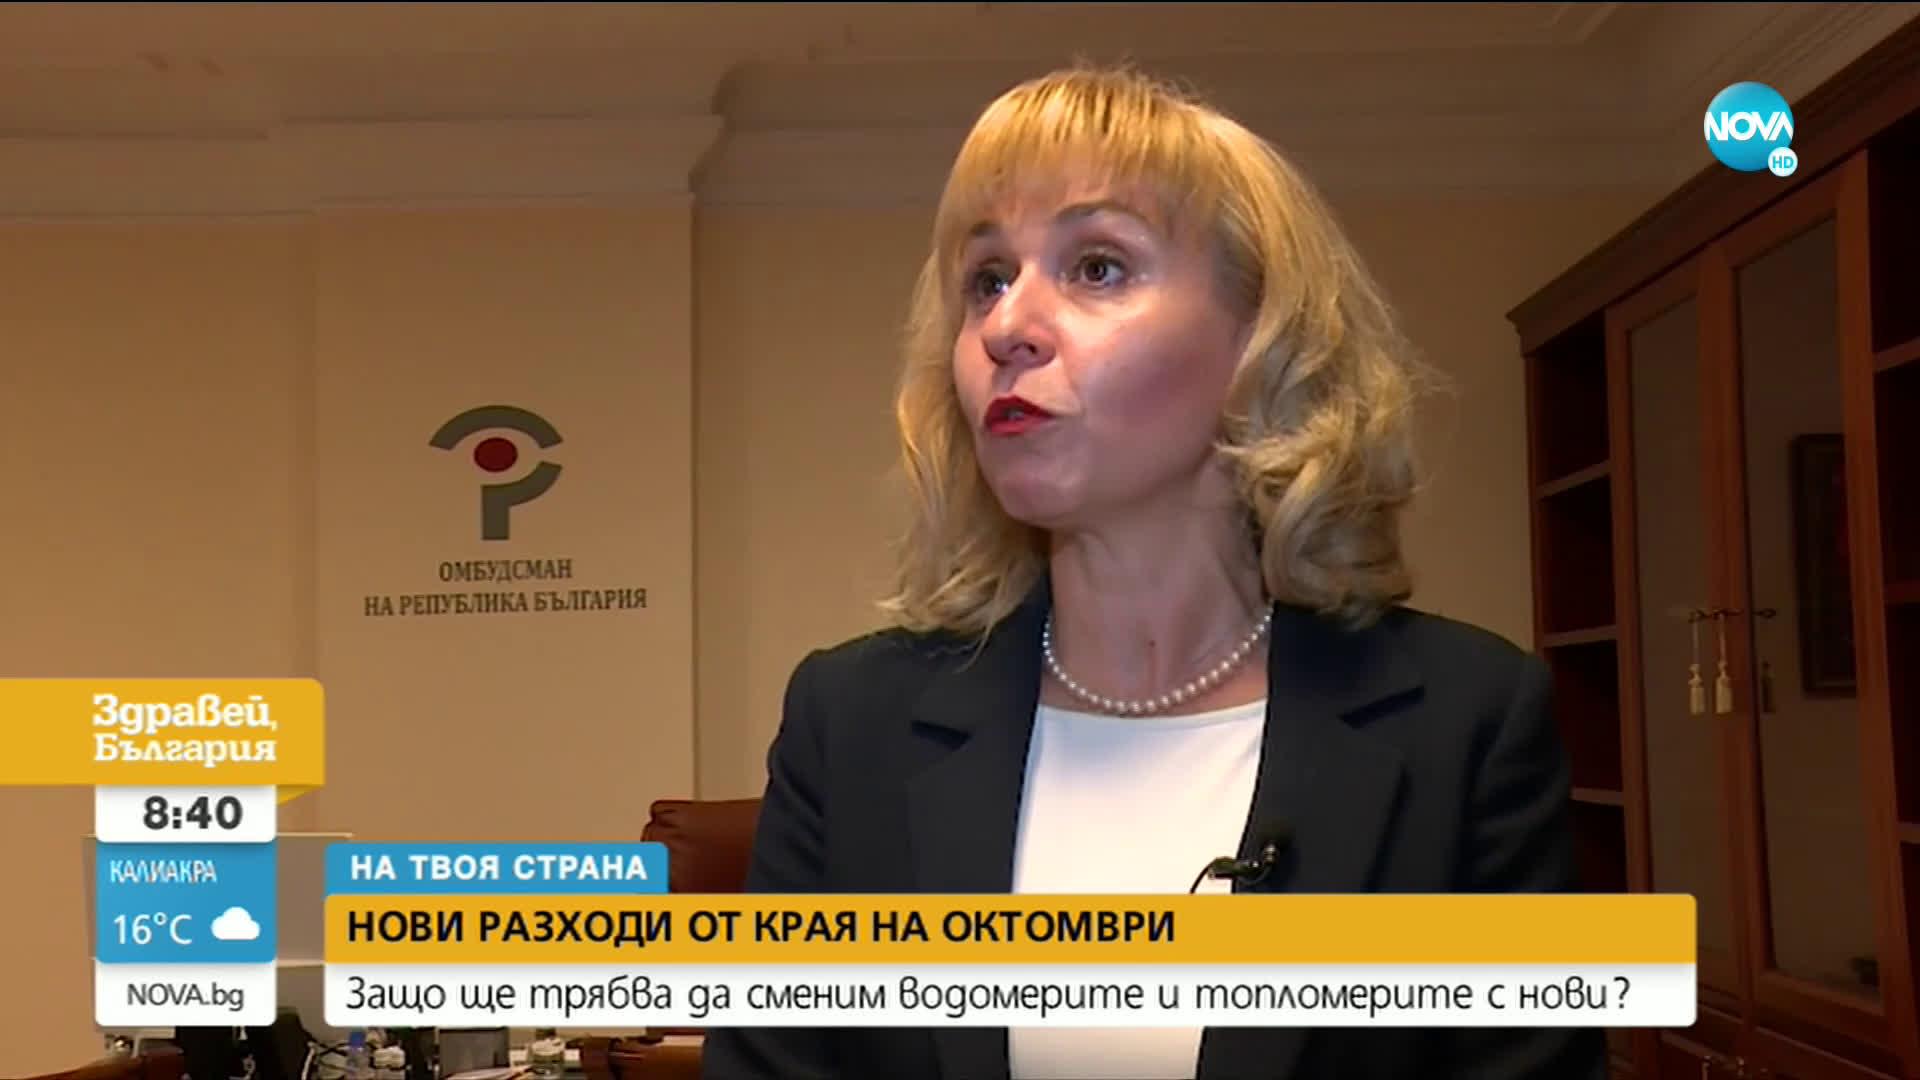 """""""НА ТВОЯ СТРАНА"""": Нови разходи за парно от края на октомври"""